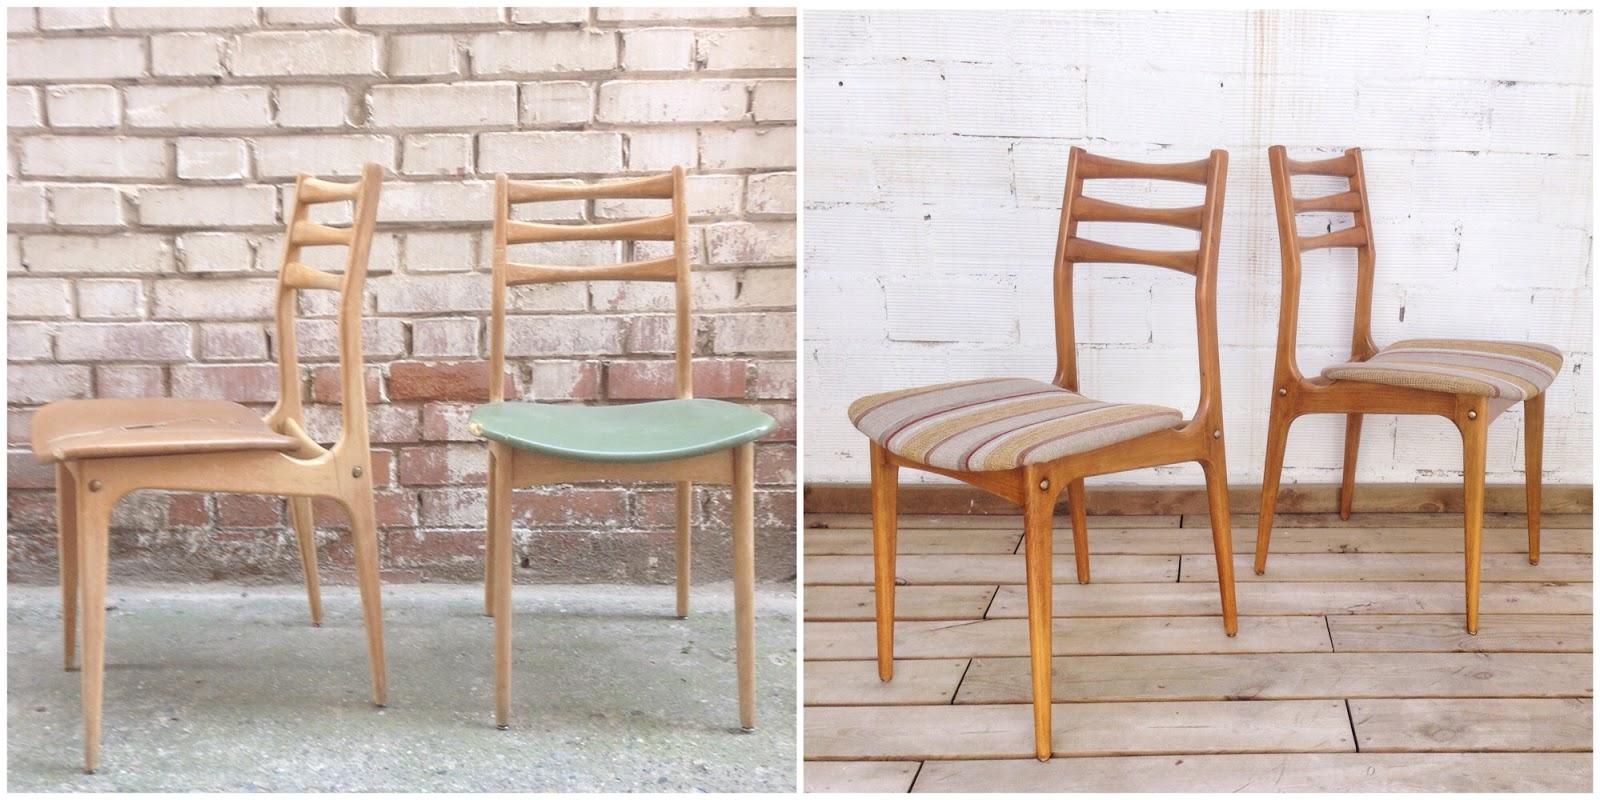 Antes y después - sillas restauradas y tapizadas - Studio Alis